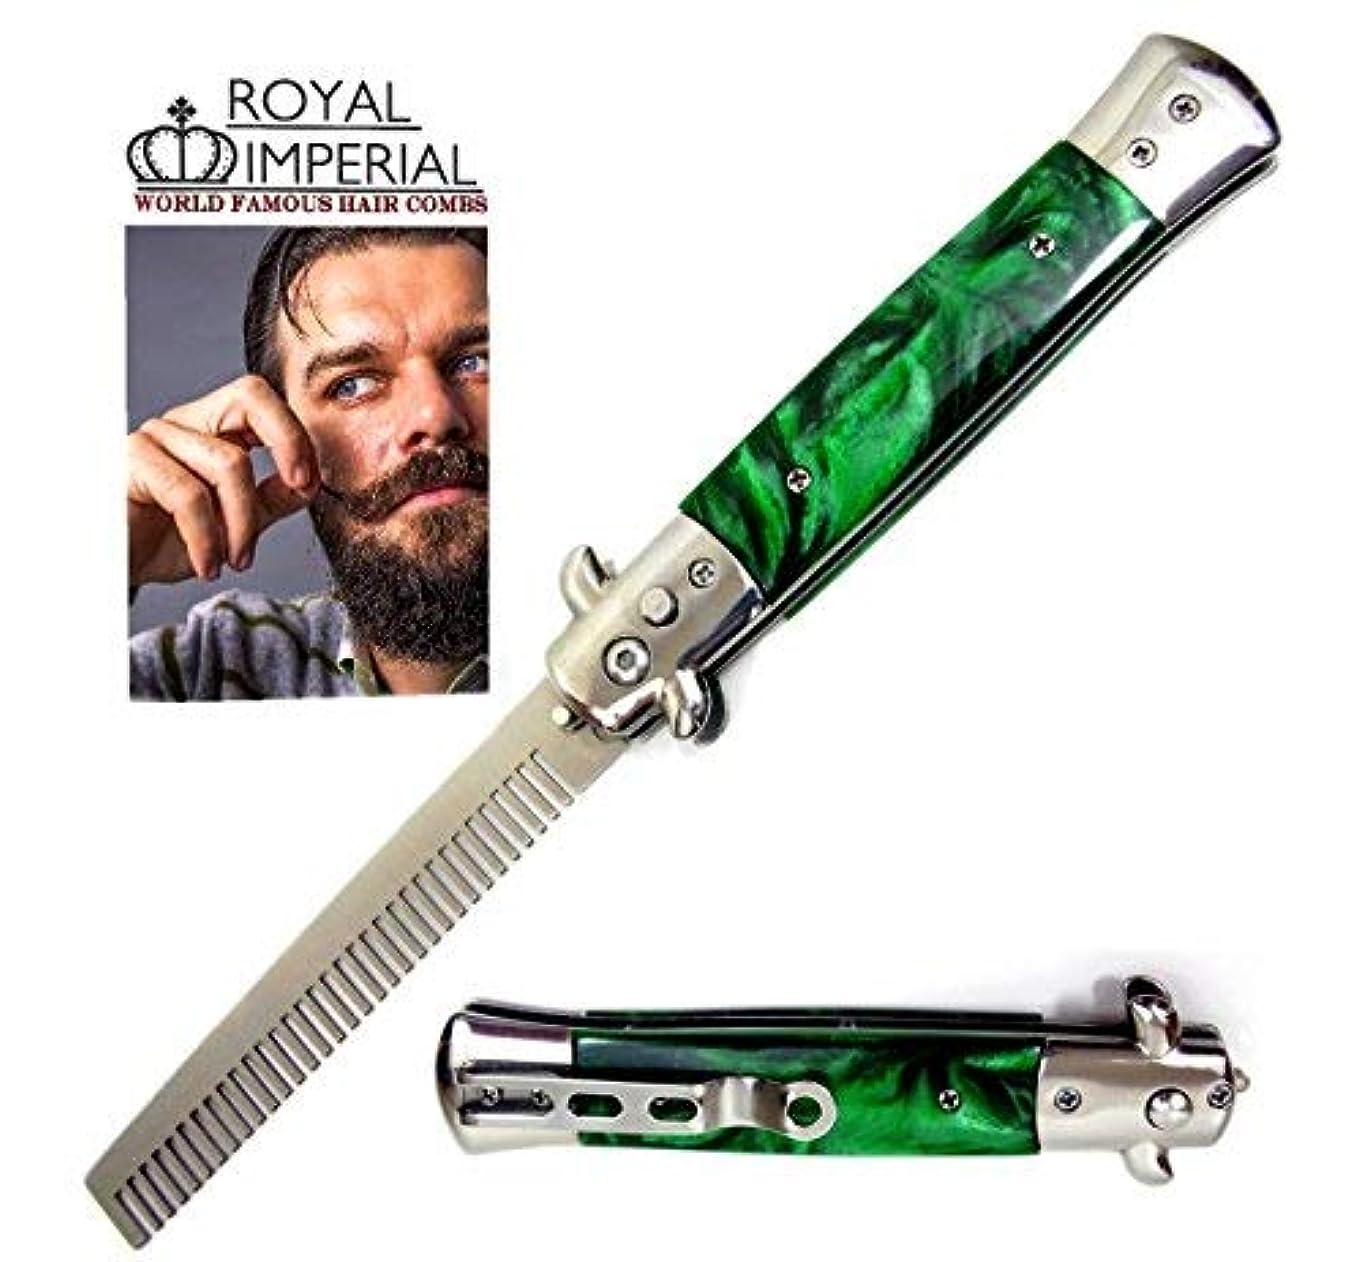 カロリーいらいらするハンカチRoyal Imperial Metal Switchblade Pocket Folding Flick Hair Comb For Beard, Mustache, Head GREEN MIST Handle ~...